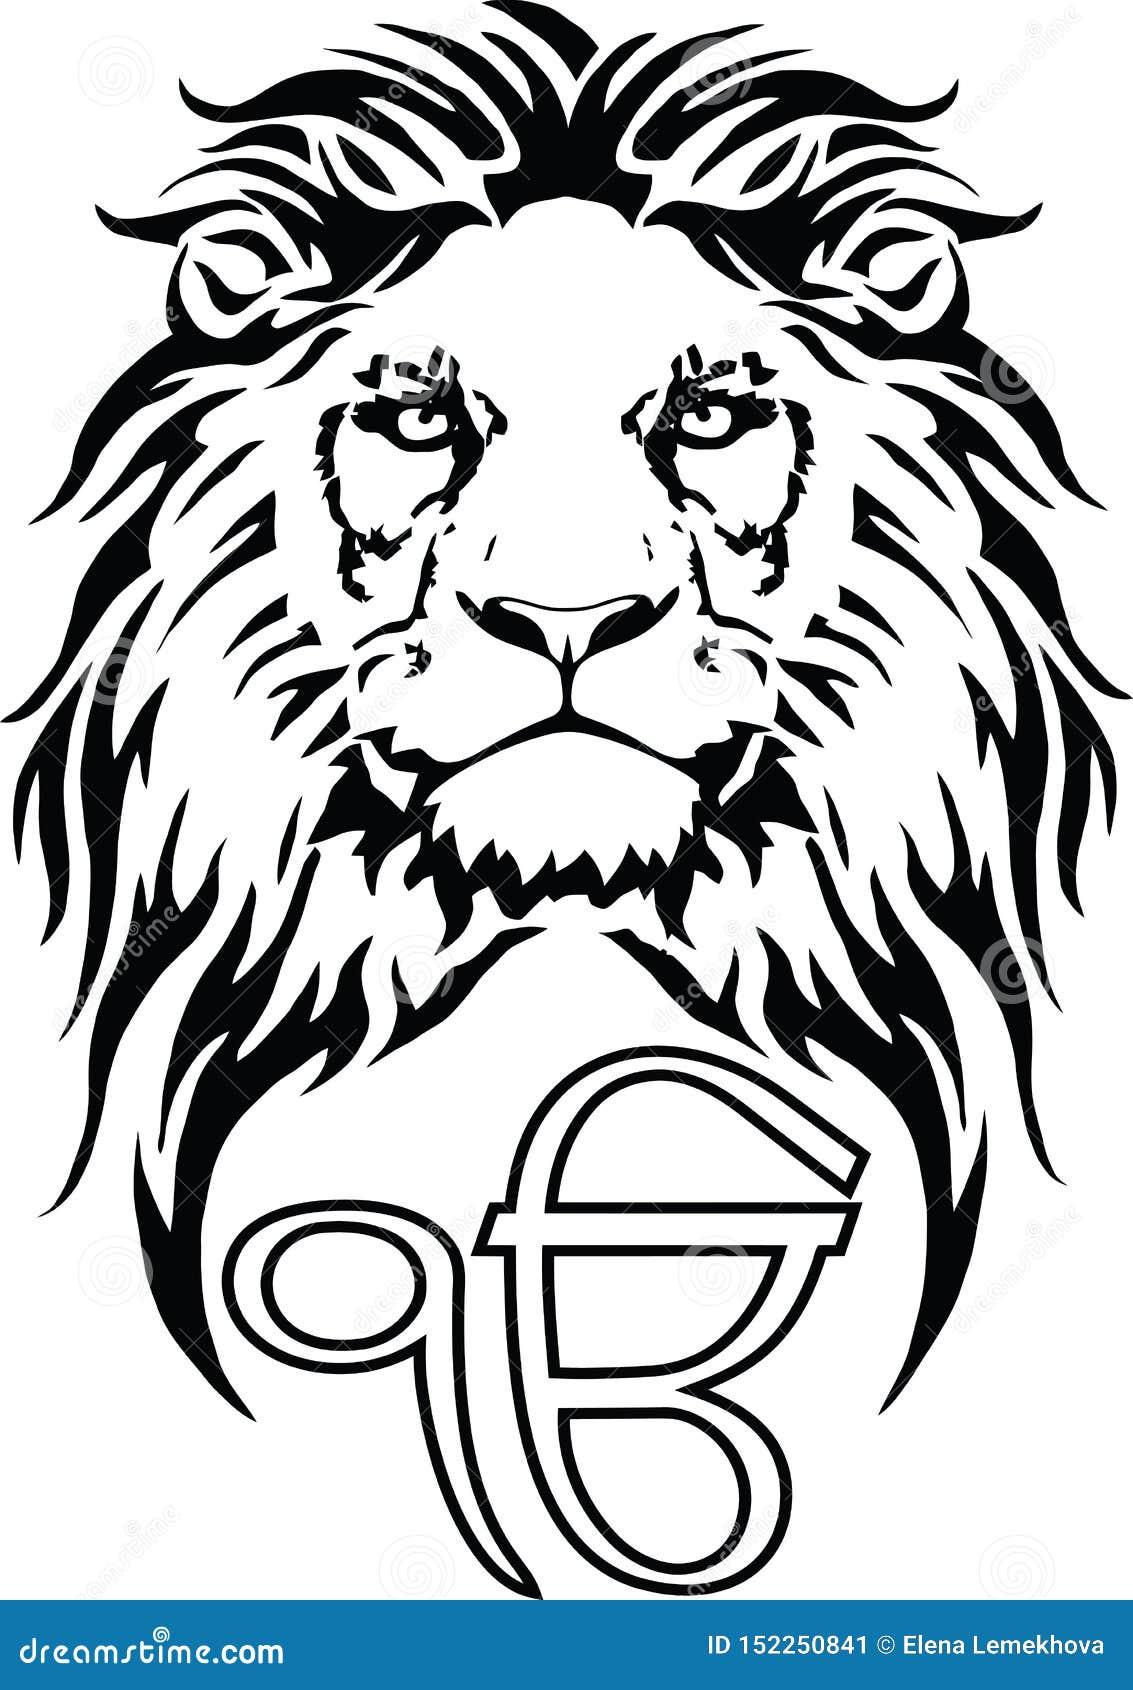 Le signe Ek Onkar est le symbole le plus significatif de Sikhisme, d?cor? d un lion